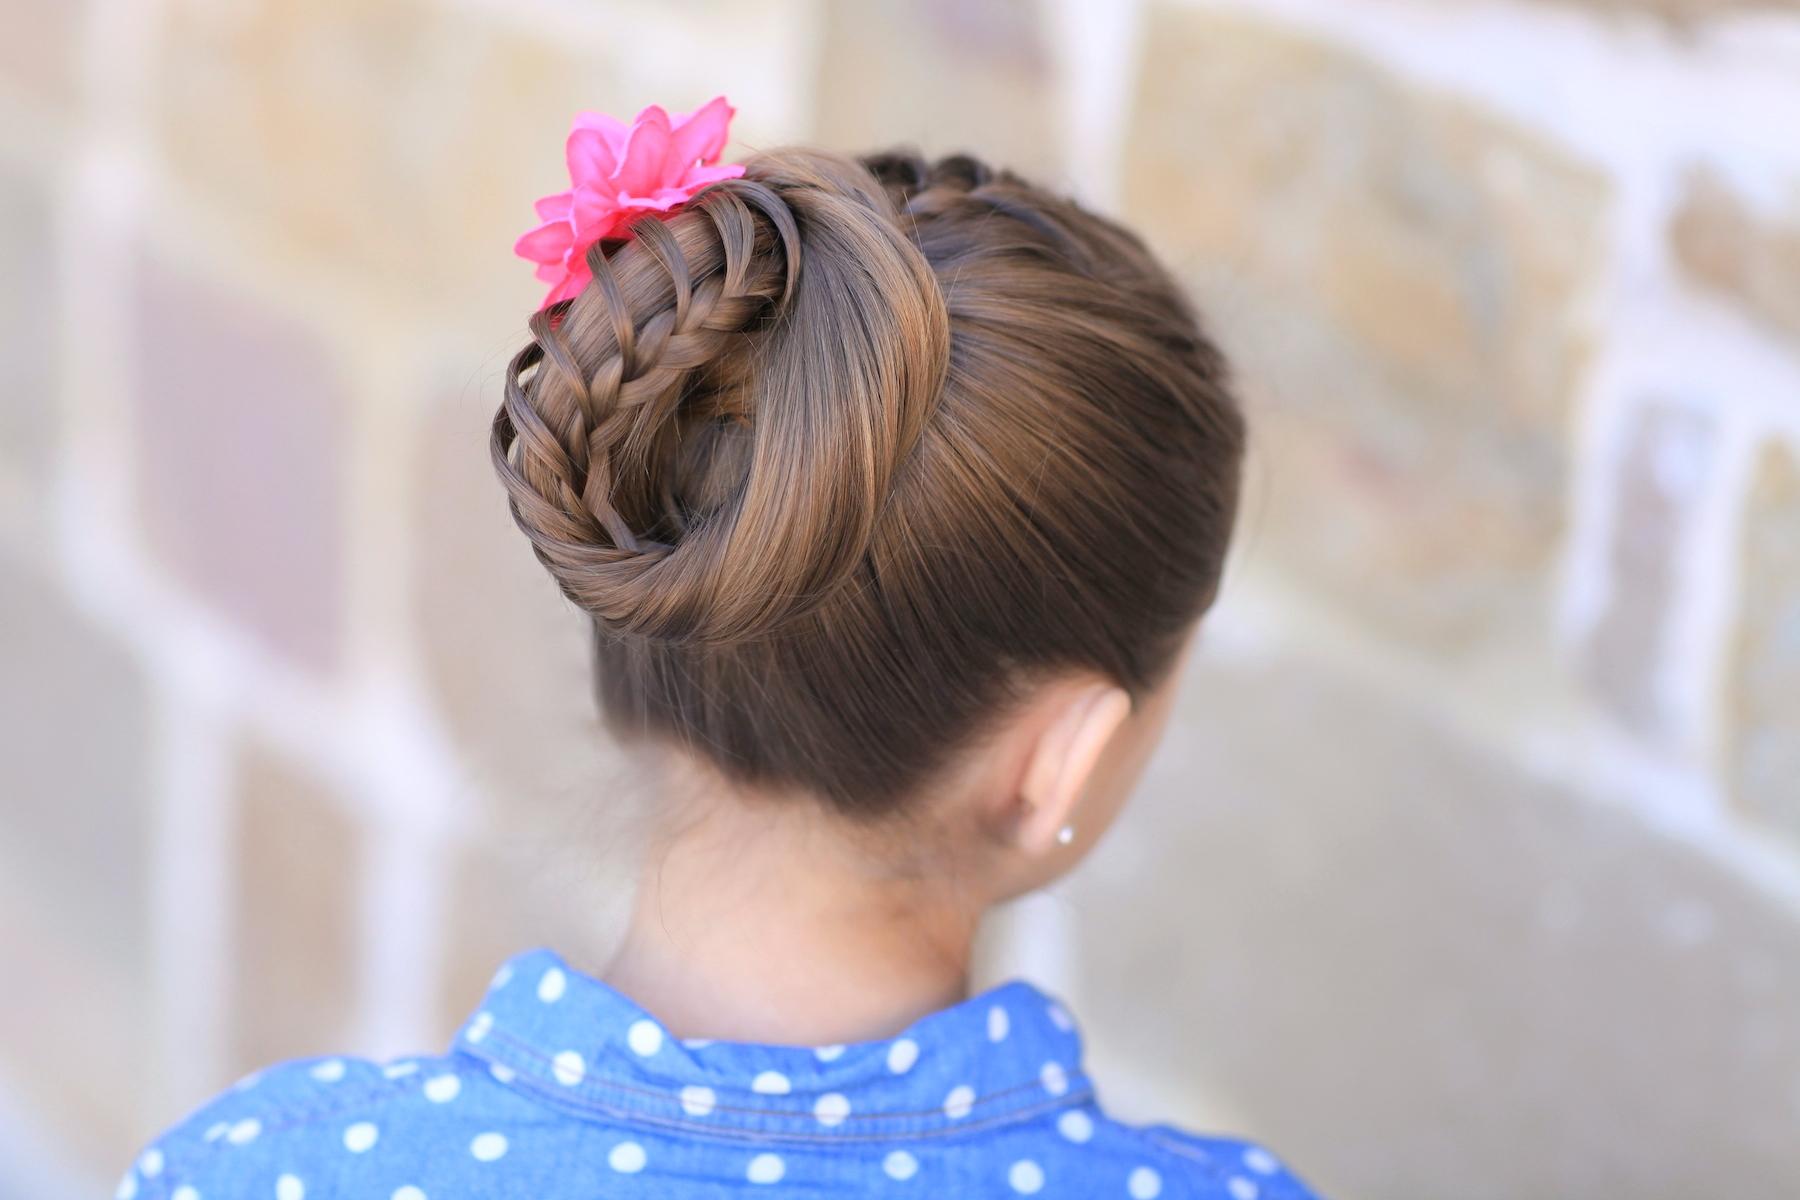 Penteados adoráveis, super fofos e fáceis para senhoras de todas as idades